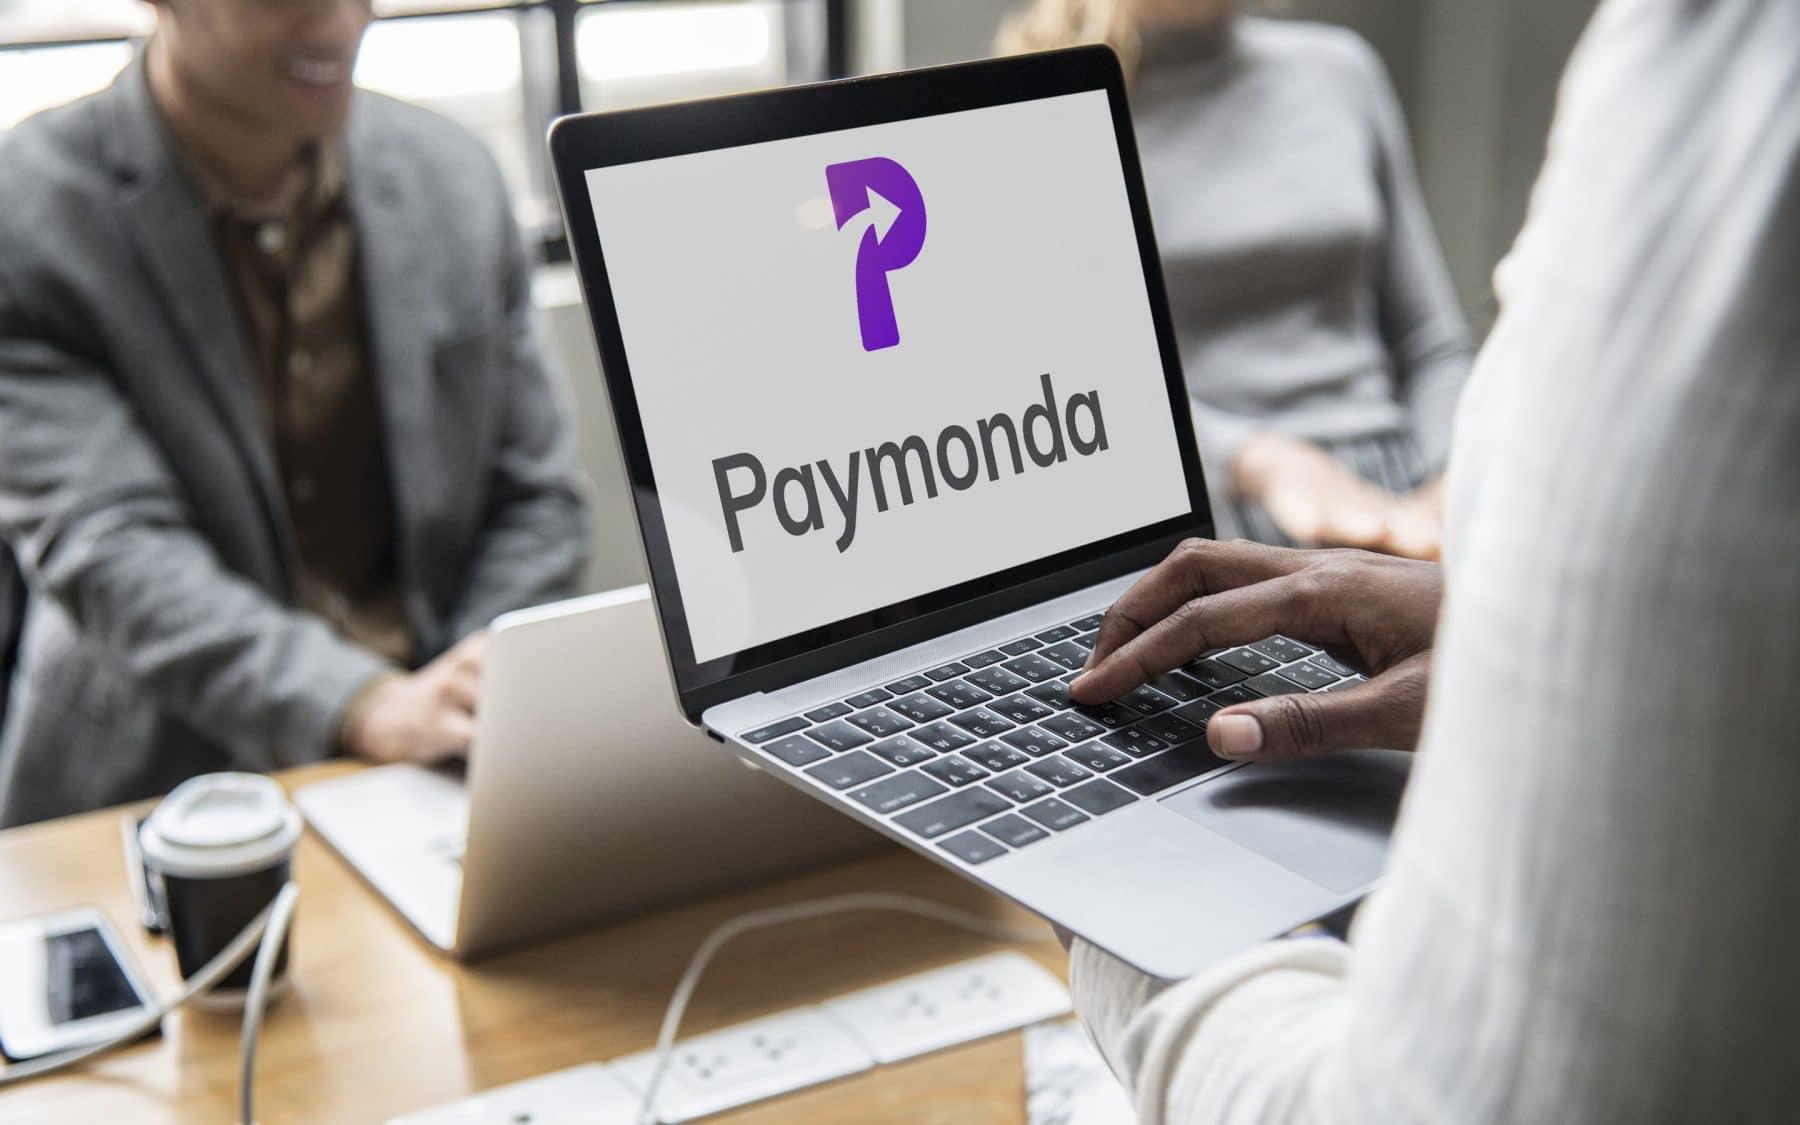 Paymonda